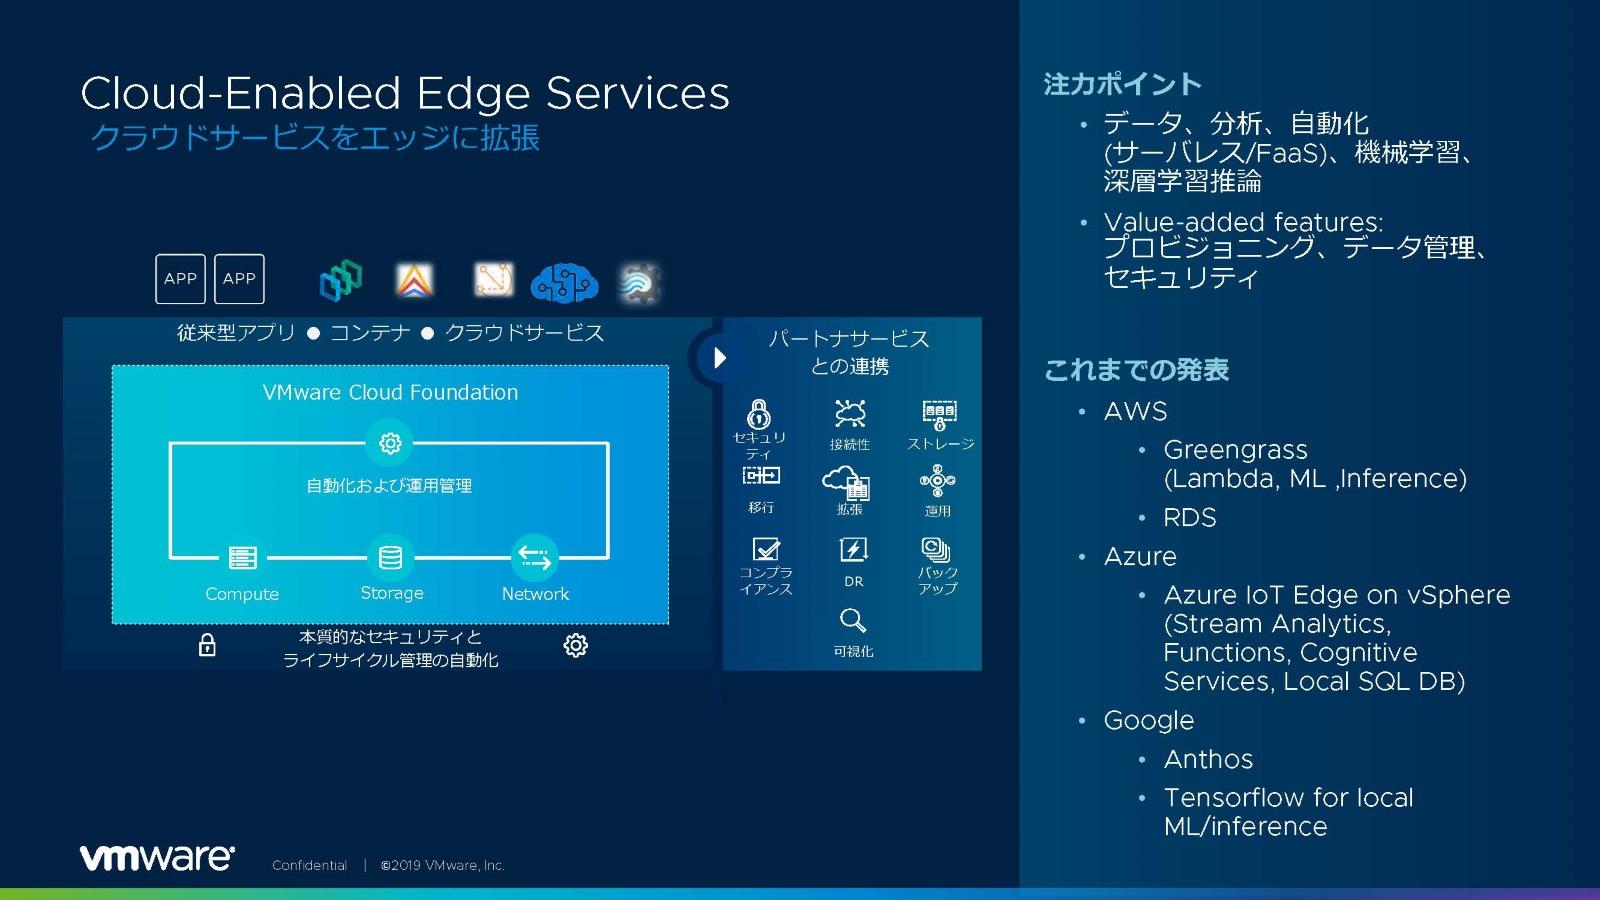 図5:VMware の「Cloud-Enabled Edge Services」。クラウドサービスをエッジ側にも拡張する(出典:VMware)